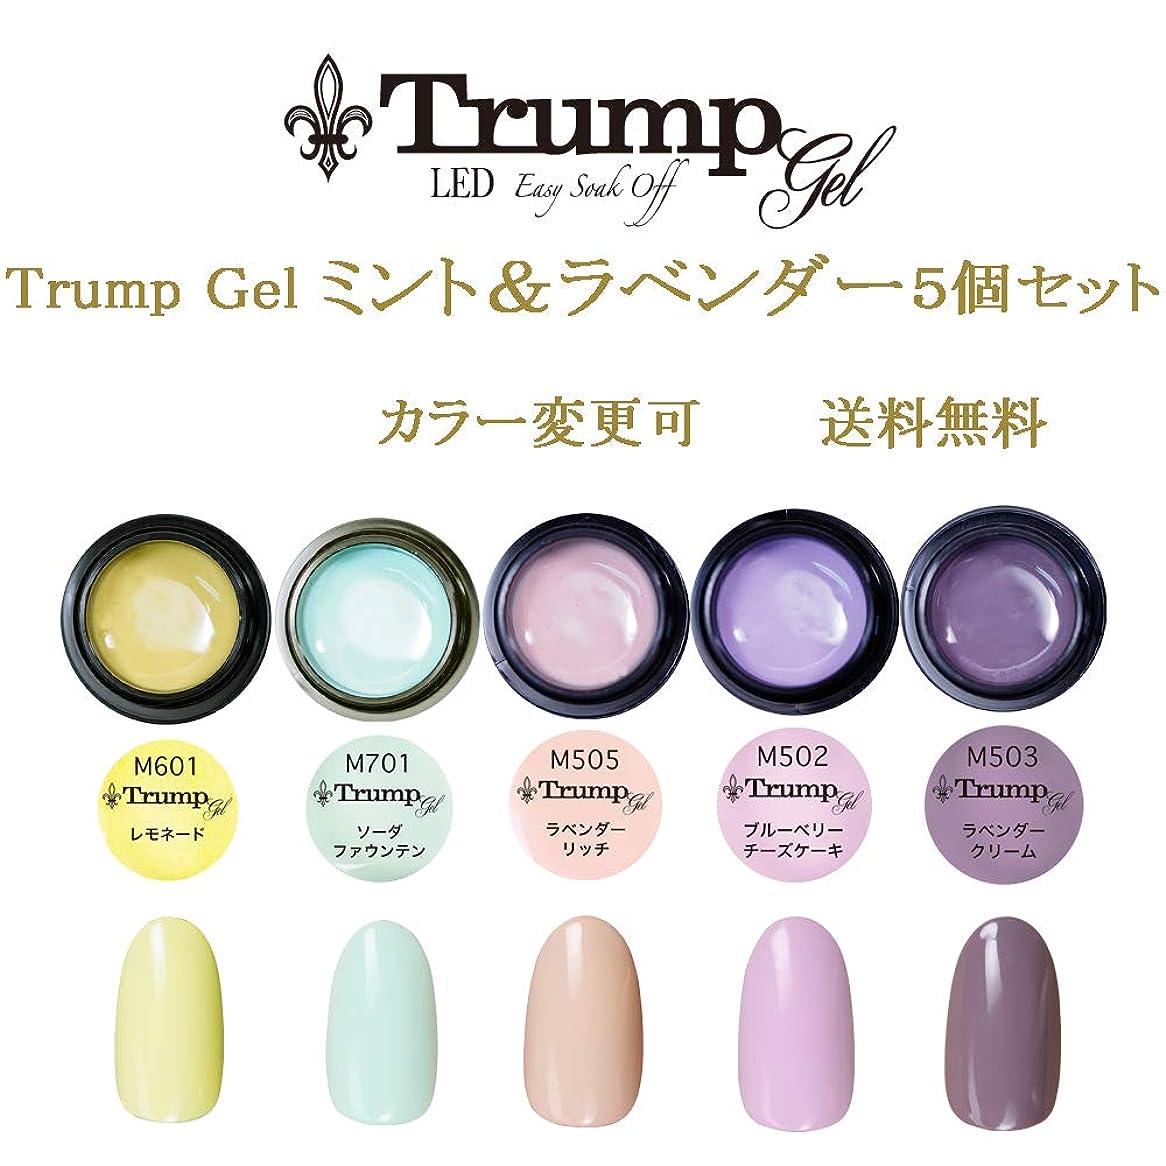 合併バットパーティション【送料無料】日本製 Trump gel トランプジェル ミント&ラベンダー 選べる カラージェル 5個セット ラベンダー ベージュ ミントカラー